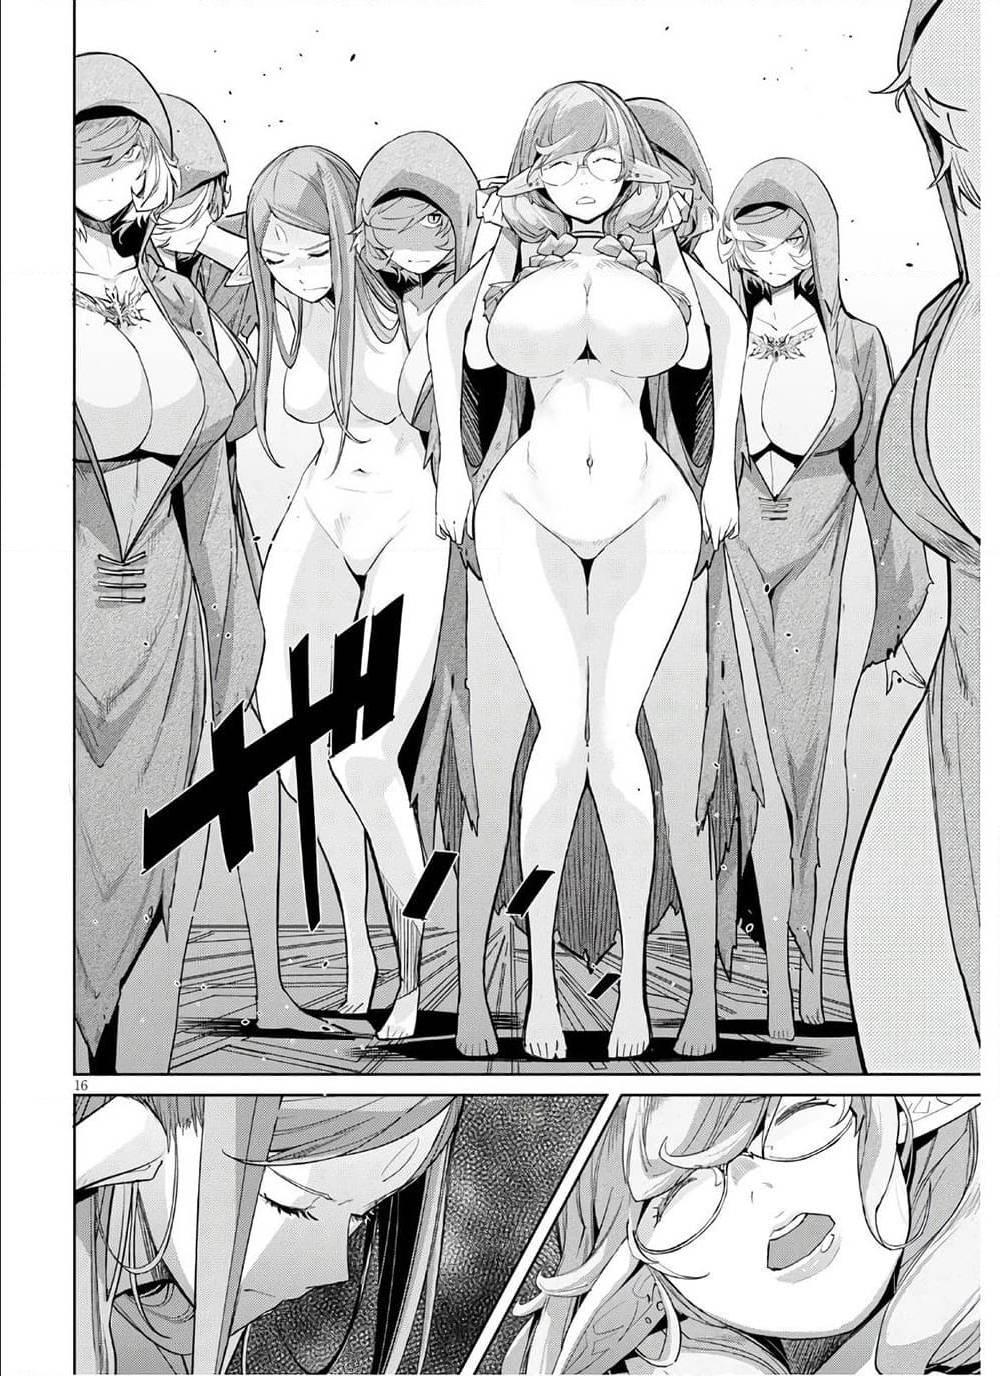 อ่านการ์ตูน Game obu Familia - Family Senki ตอนที่ 28 หน้าที่ 15